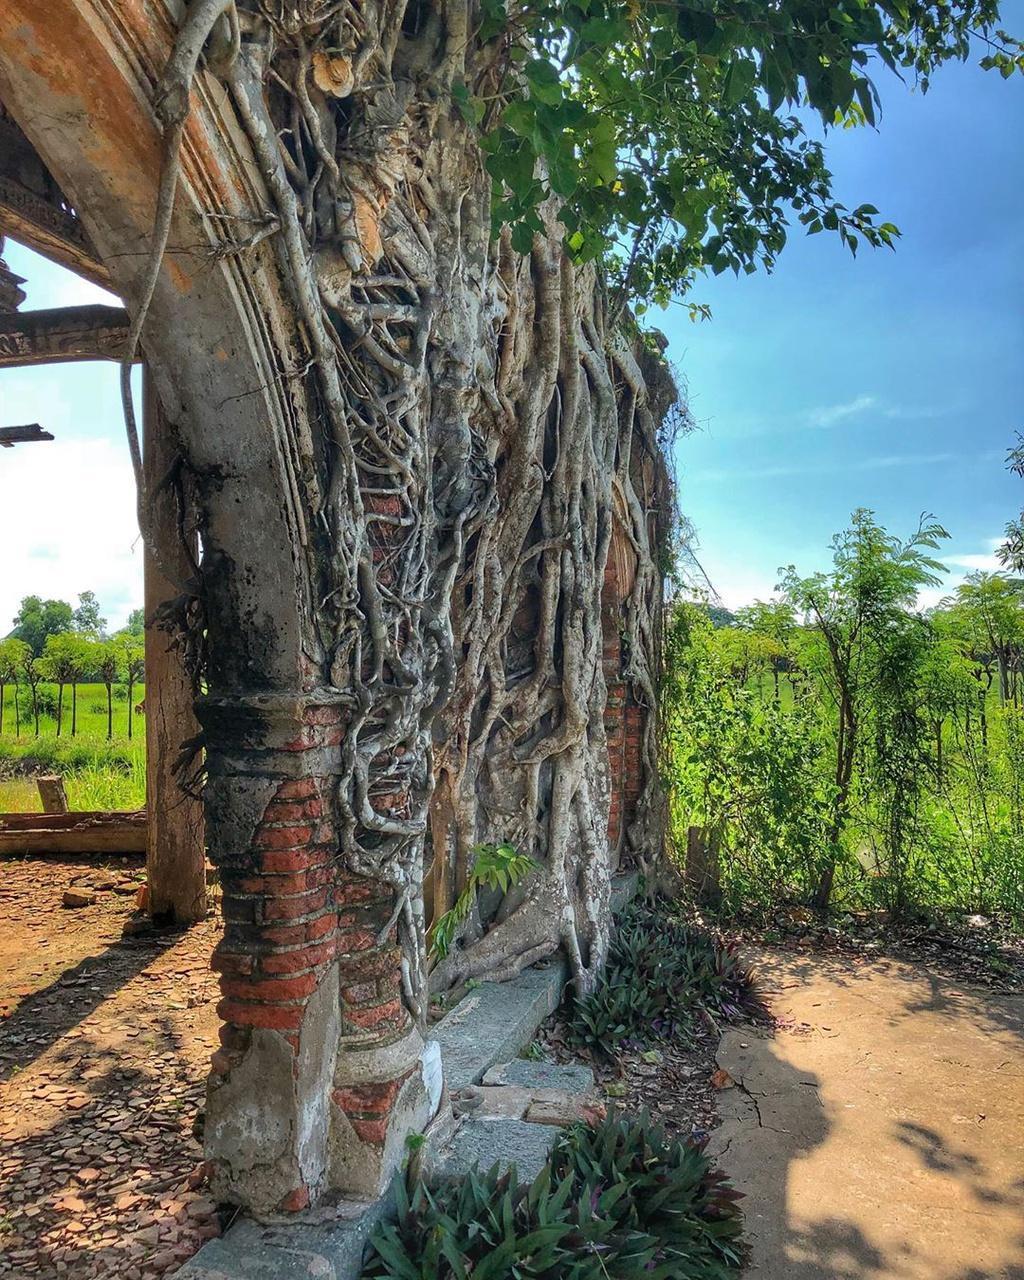 Ngôi đình hơn 100 tuổi nằm dưới bộ rễ cây bồ đề Ảnh 3